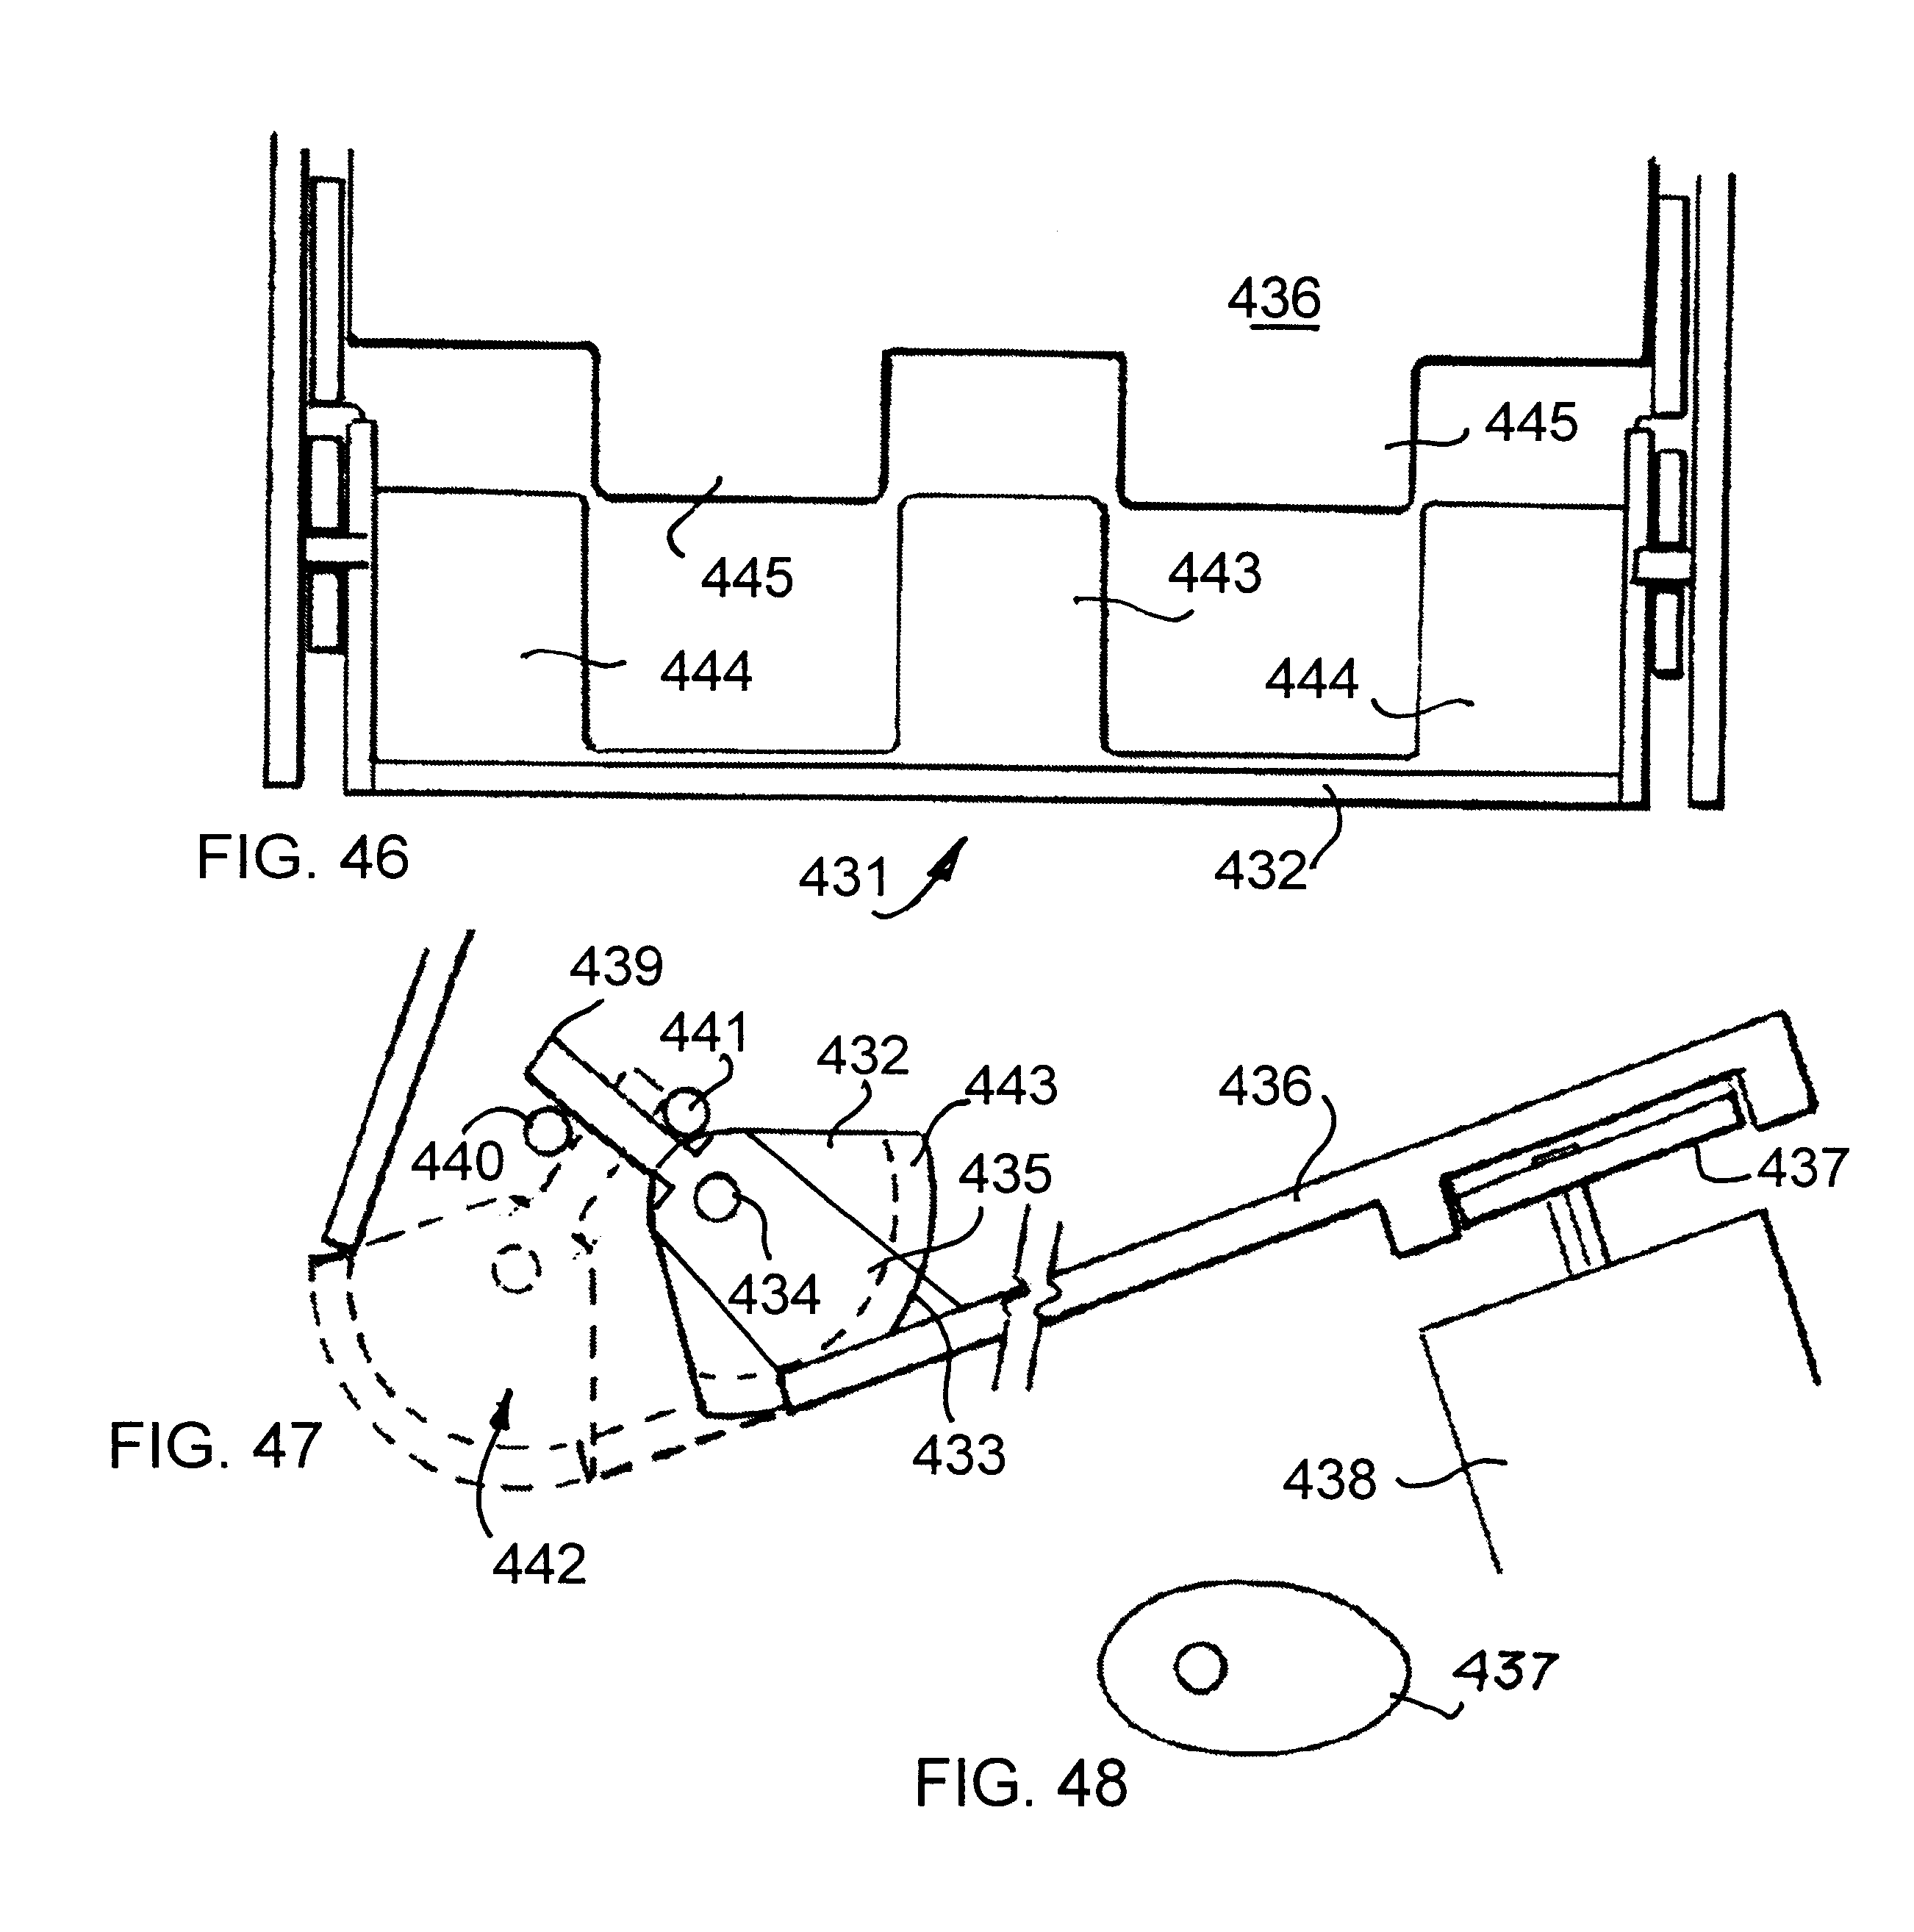 Pepsi machine wiring diagram wikishare us06330958 20011218 d00016 pepsi machine wiring diagram